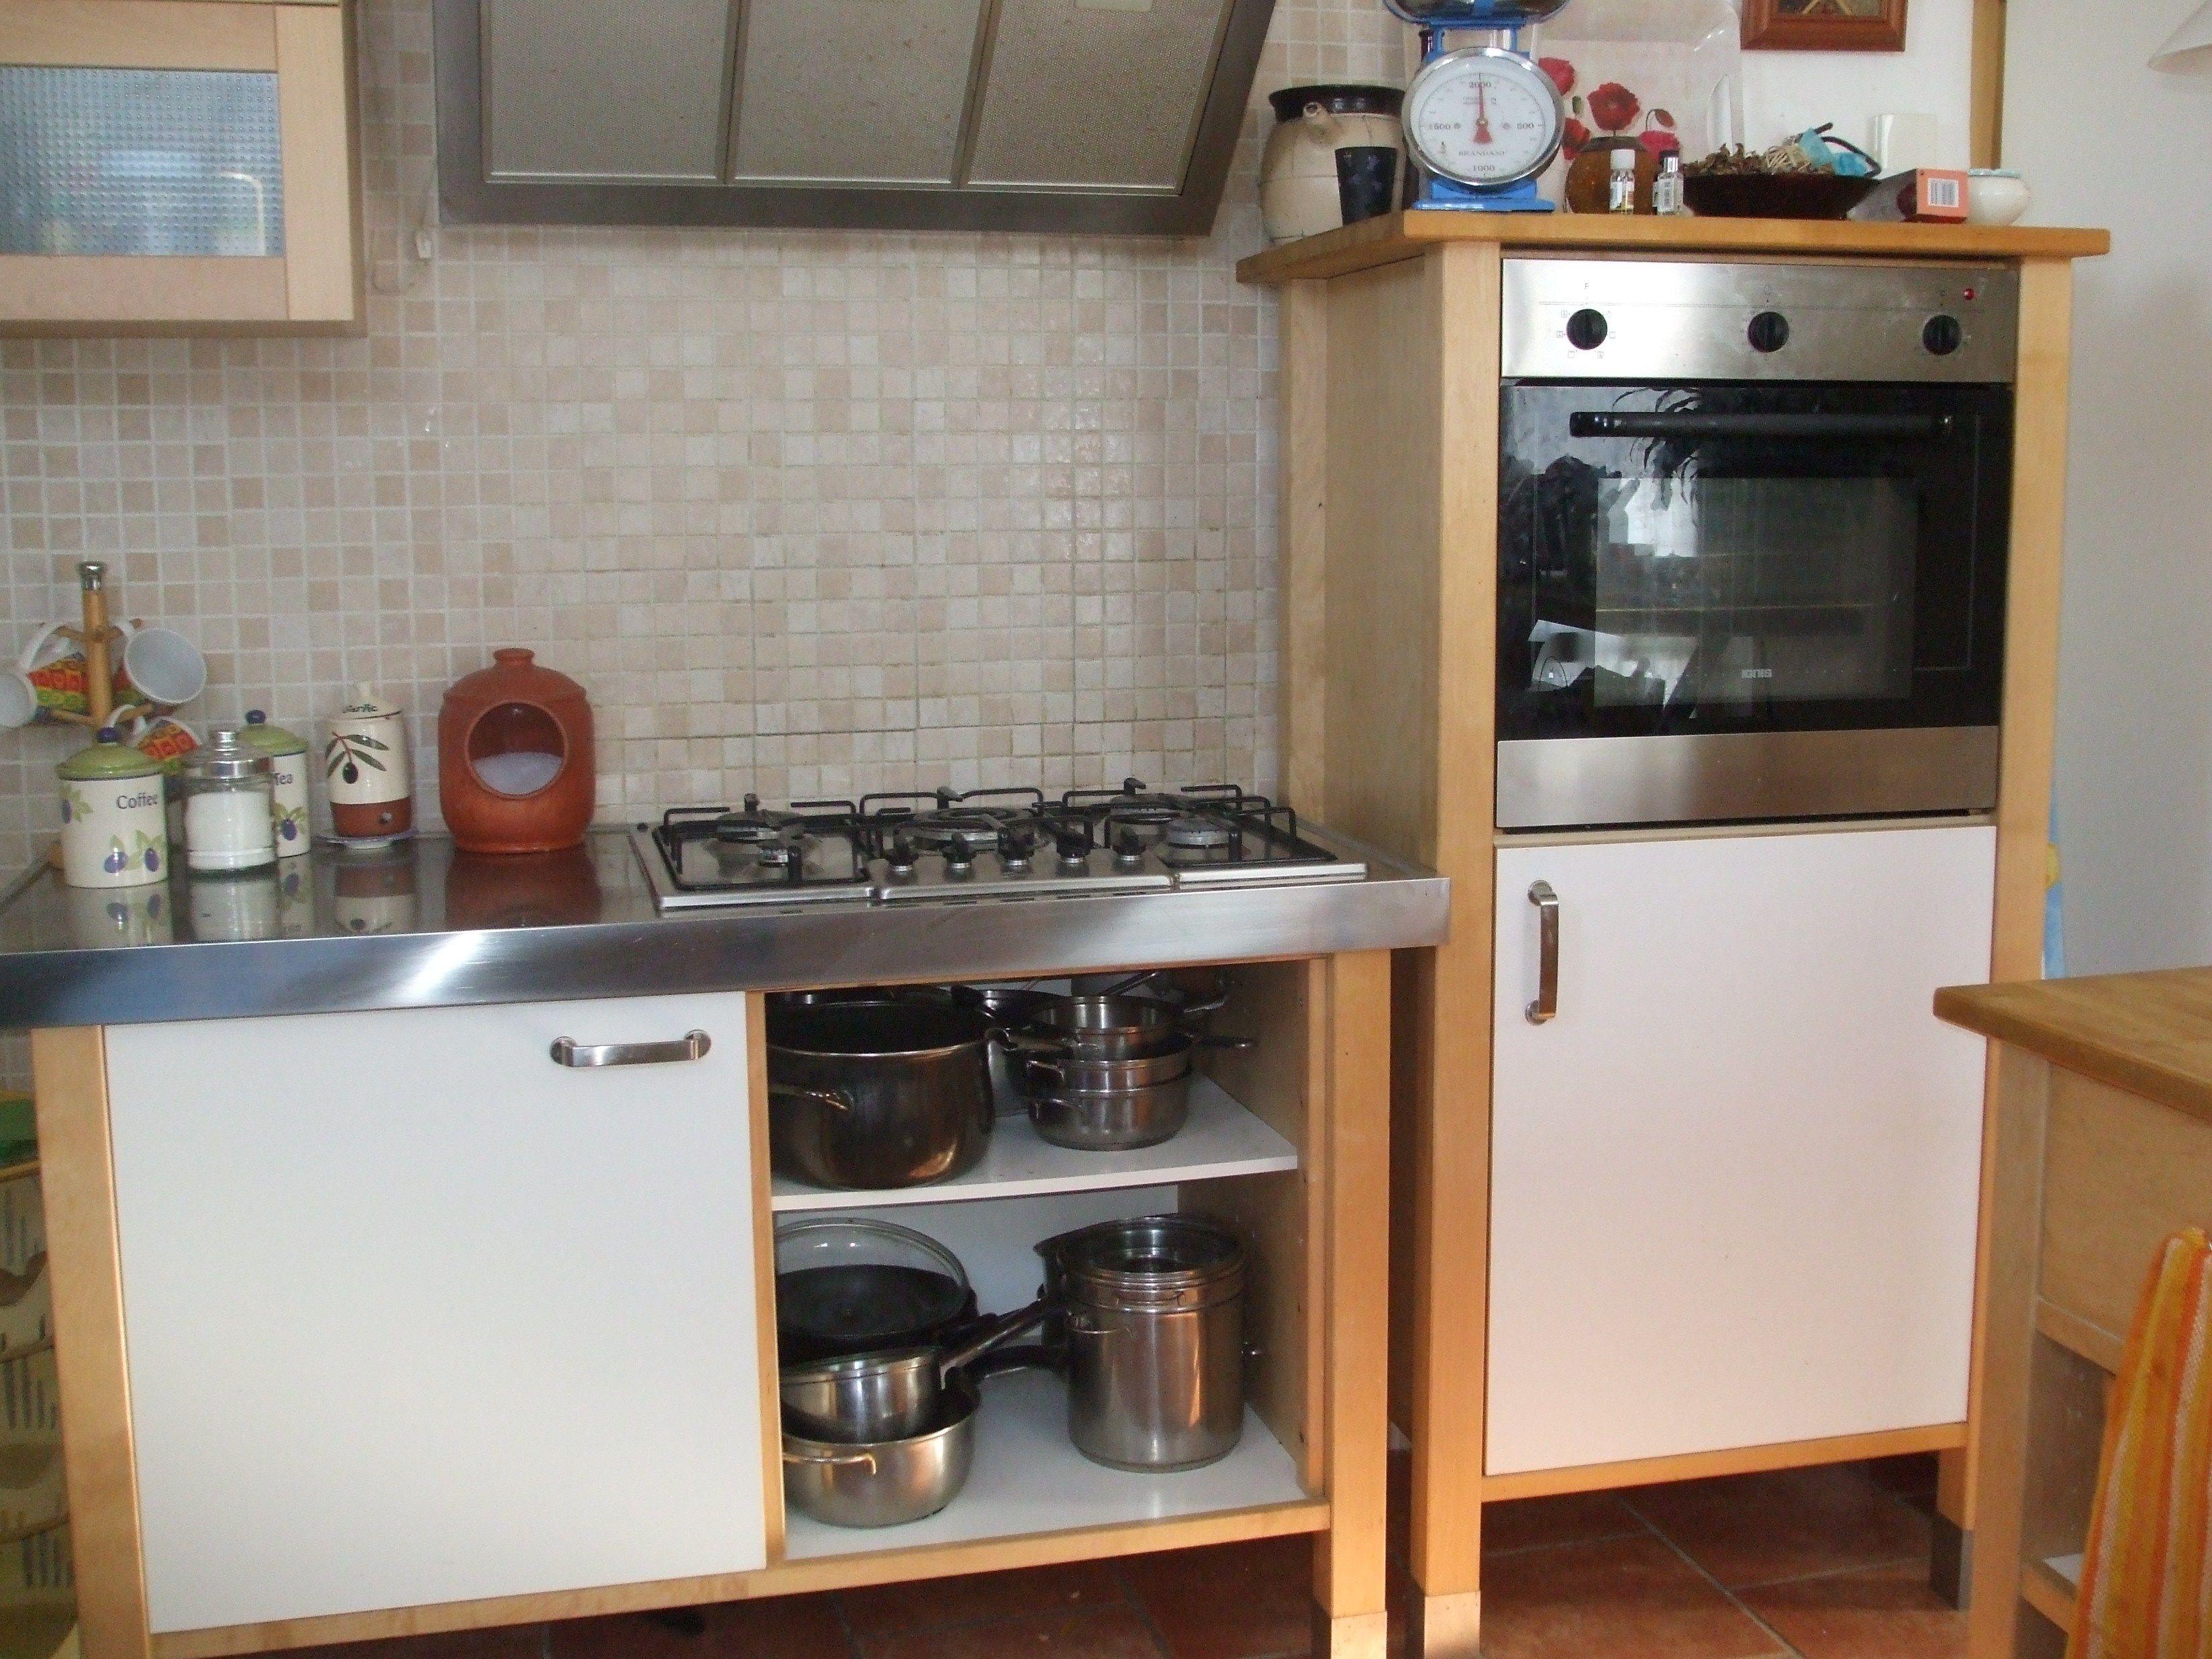 lavello cucina freestanding - Cerca con Google | Cucina ...